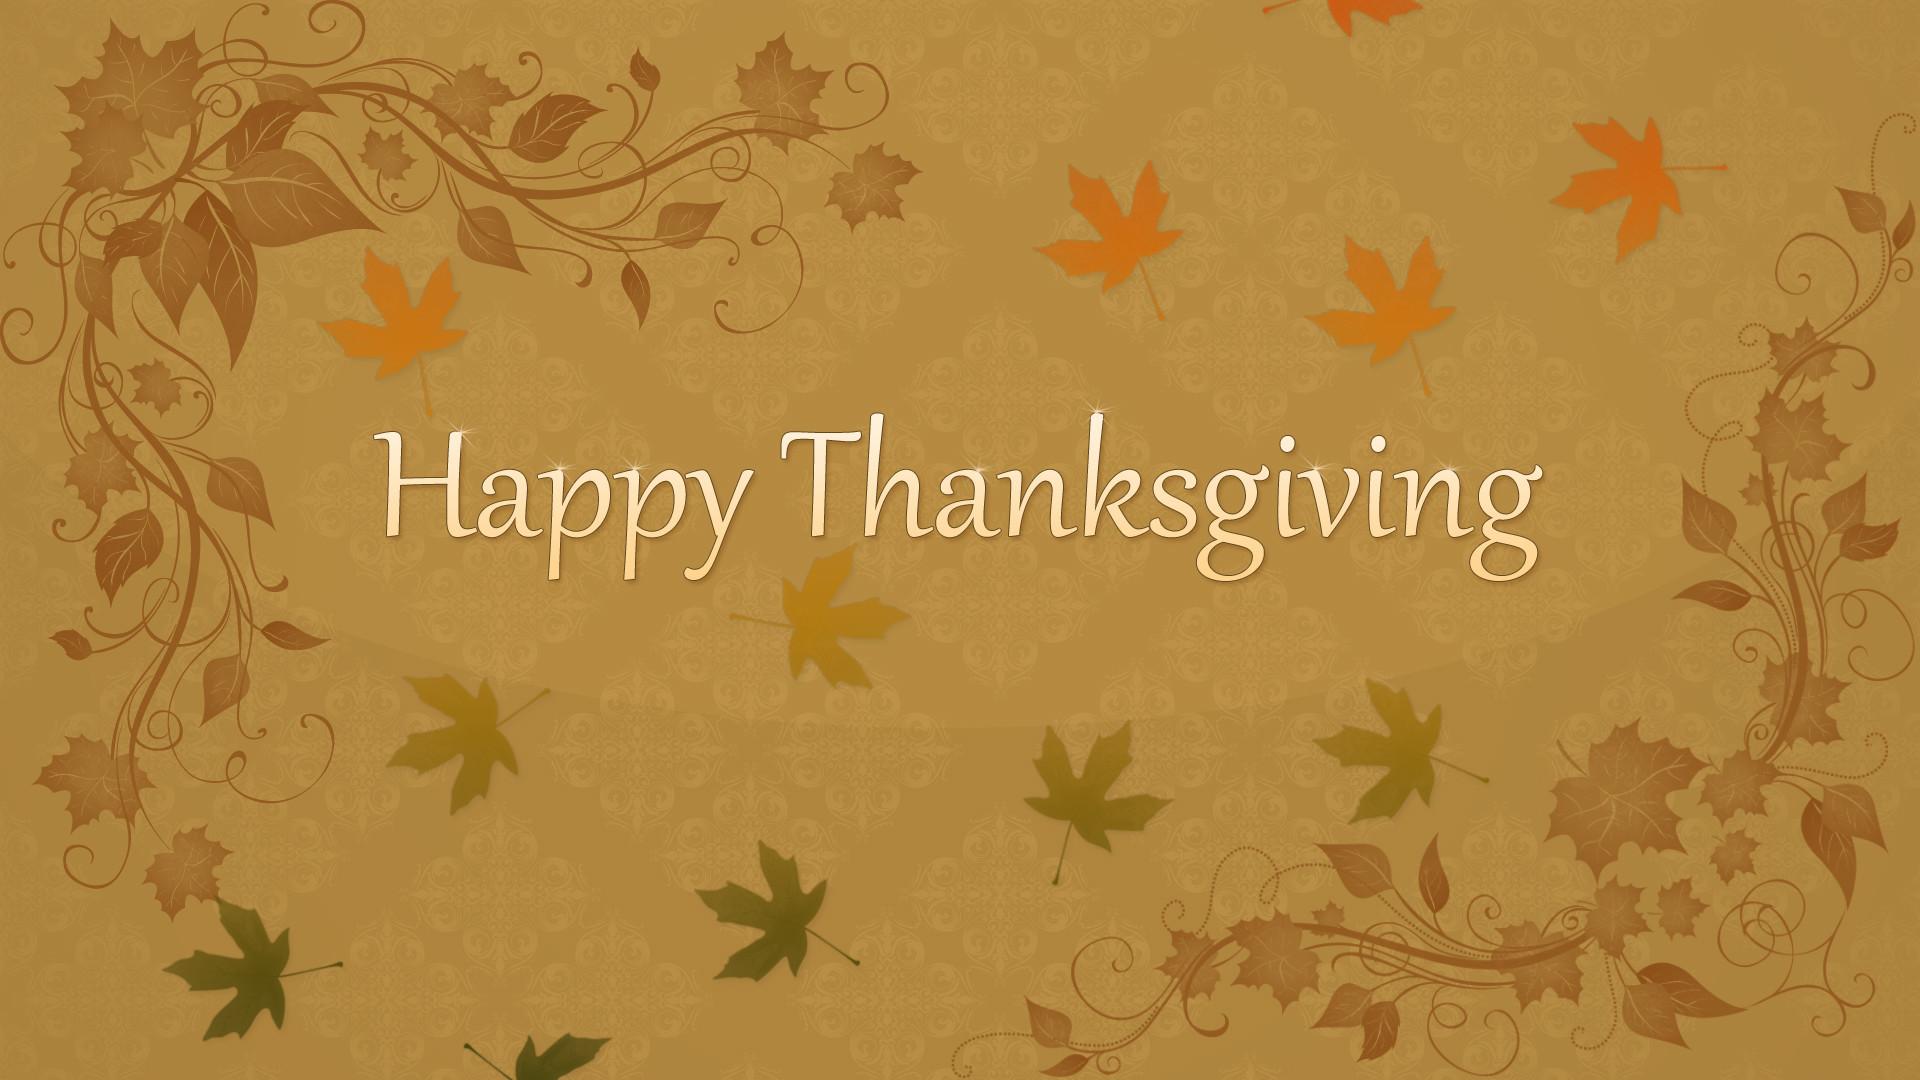 thanksgiving pc desktop wallpaper – www.wallpapers-in-hd.com